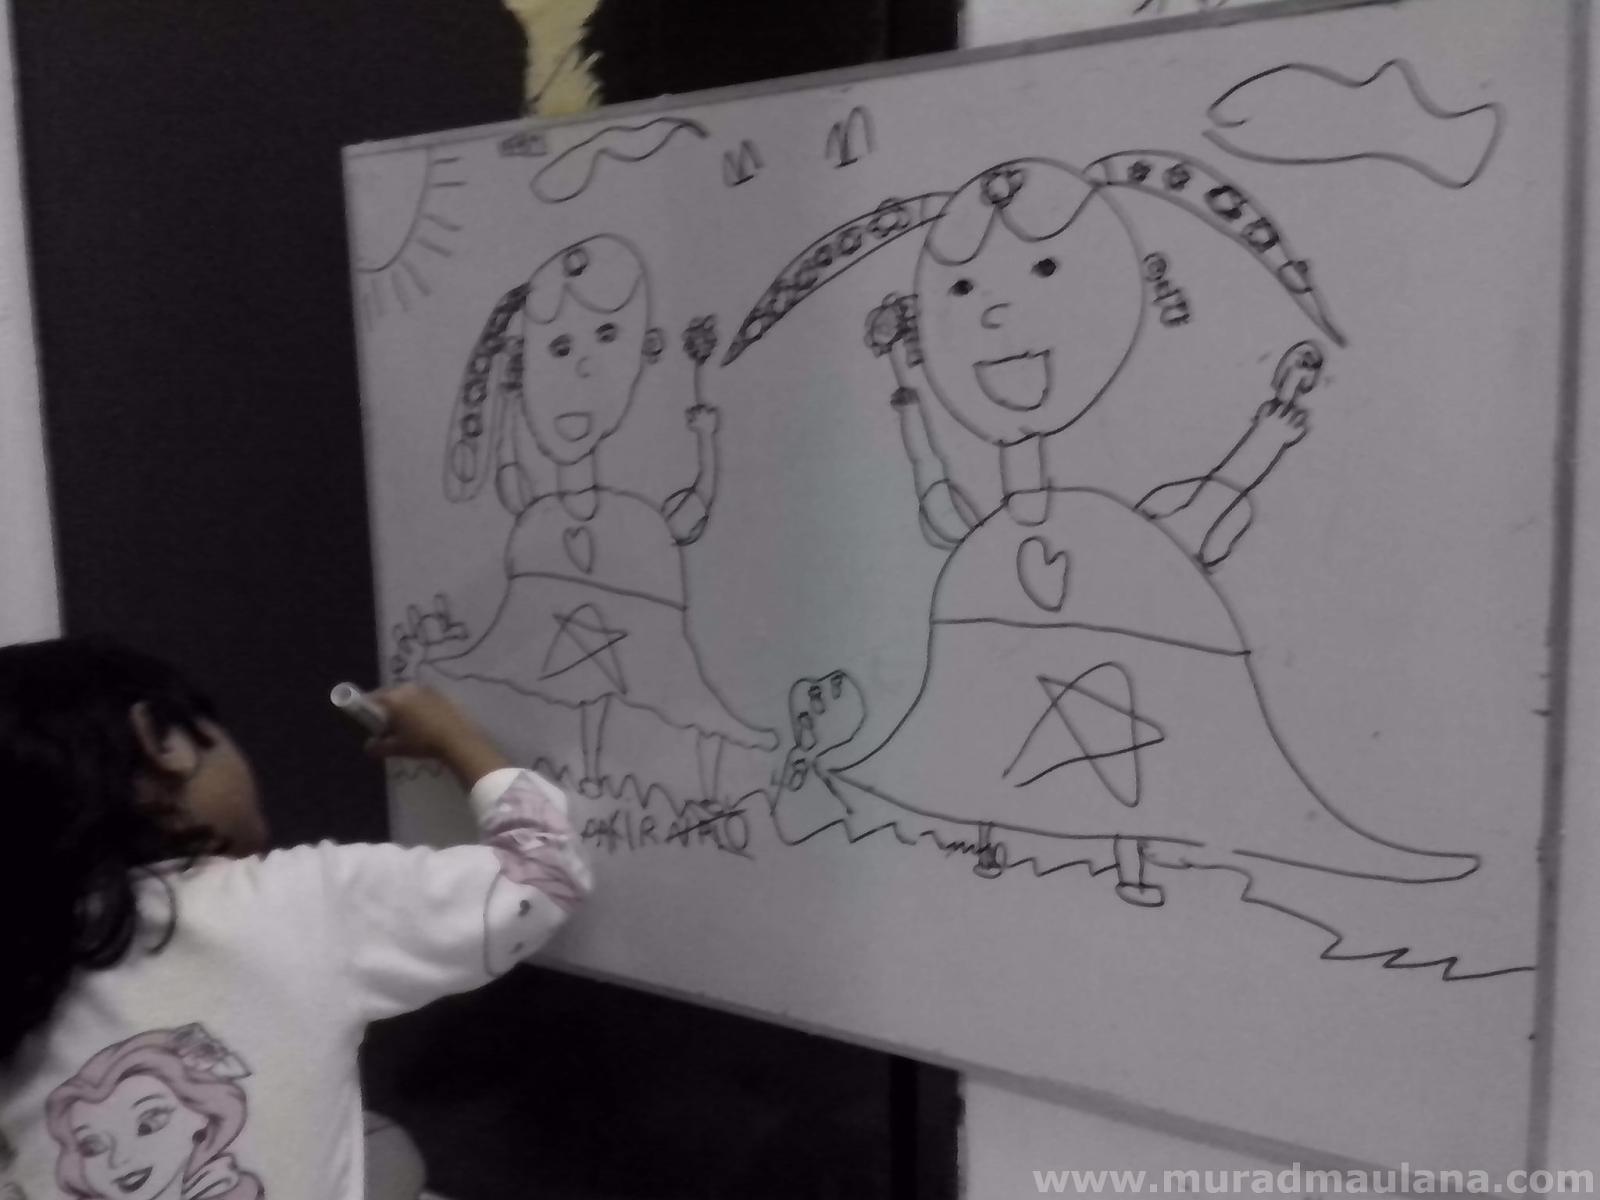 Anaku, Keira Sedang Belajar Menulis dan Menggambar